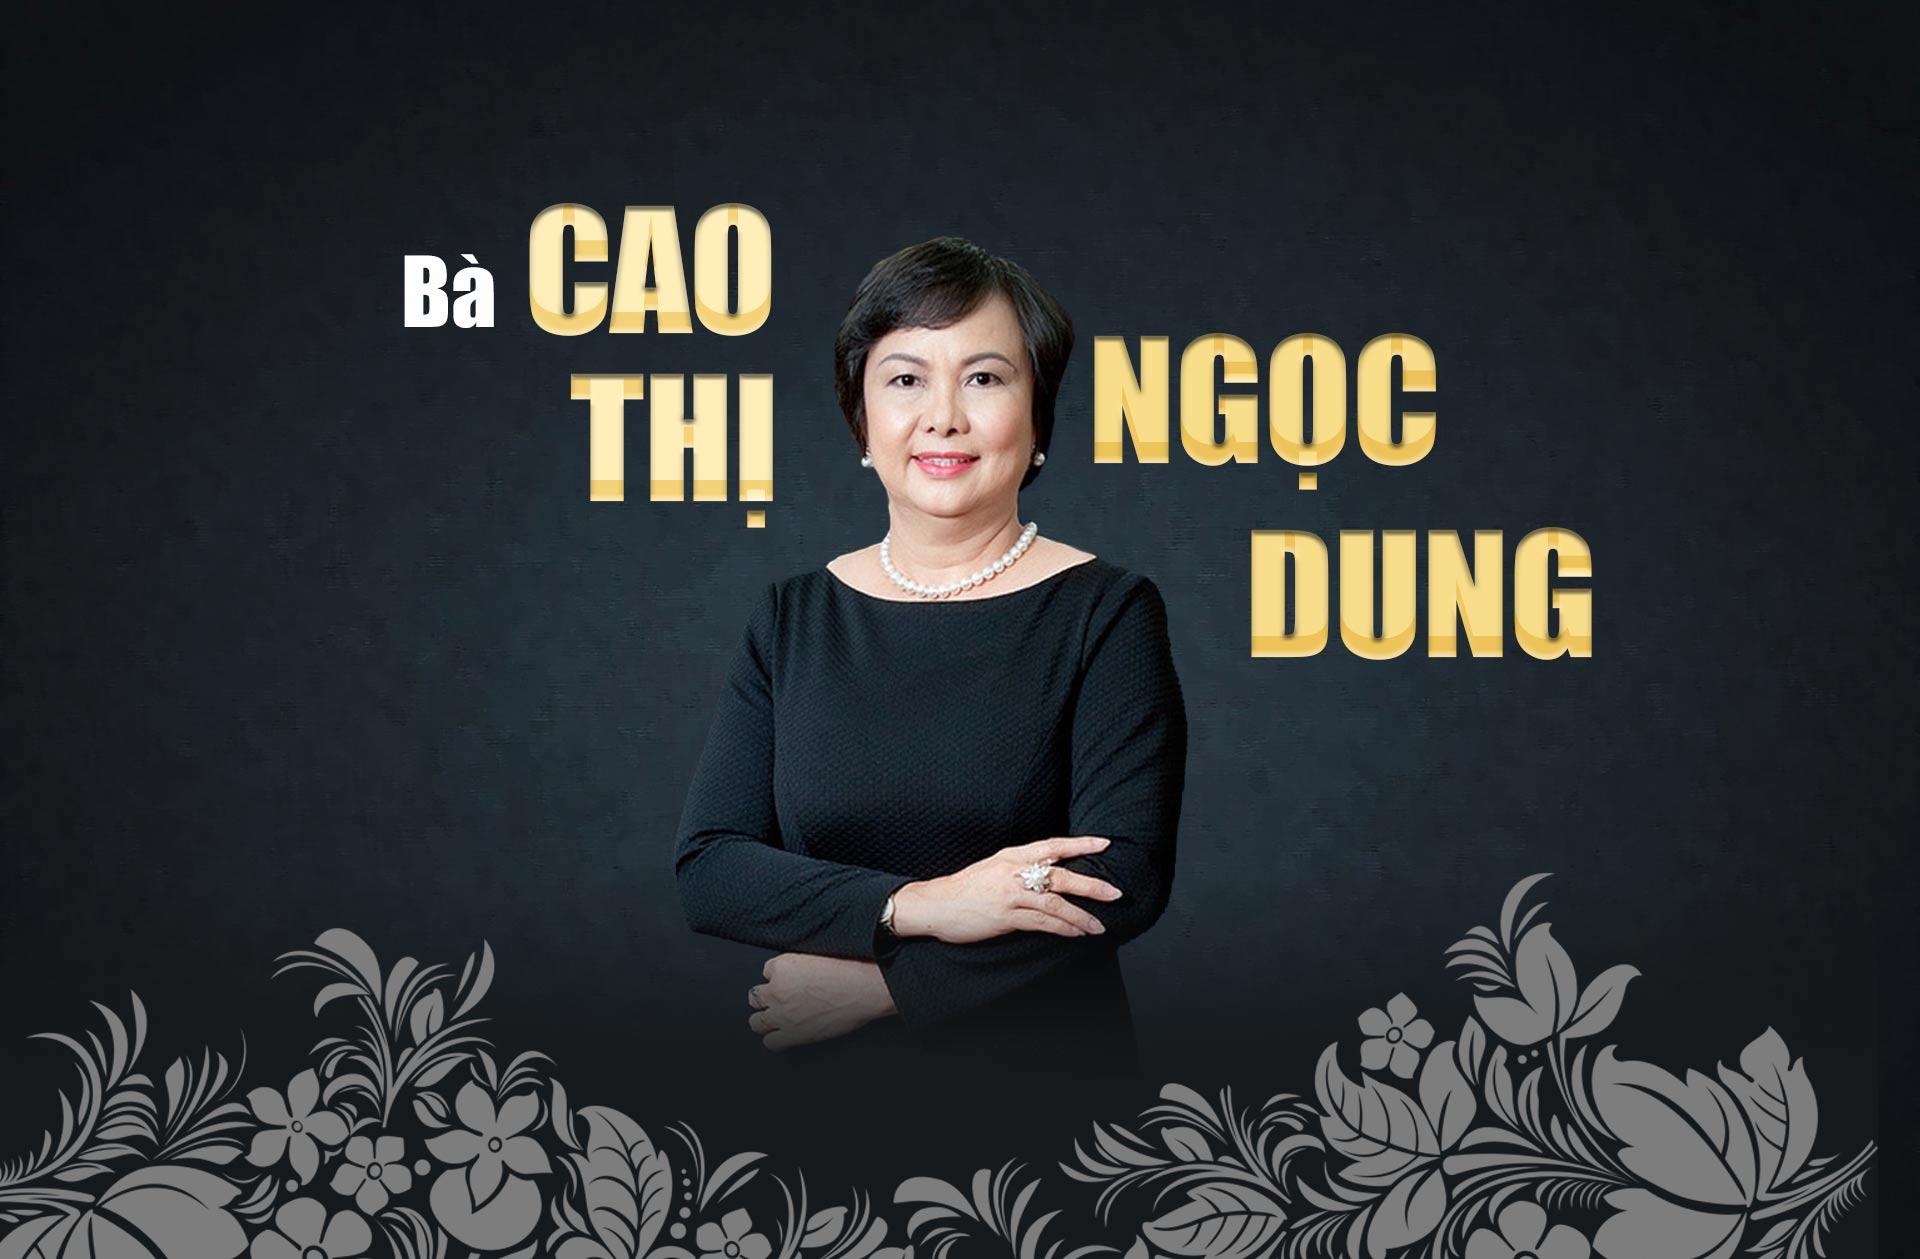 10 phụ nữ Việt gây choáng bởi sự giàu có, giỏi giang và quyền lực - 27